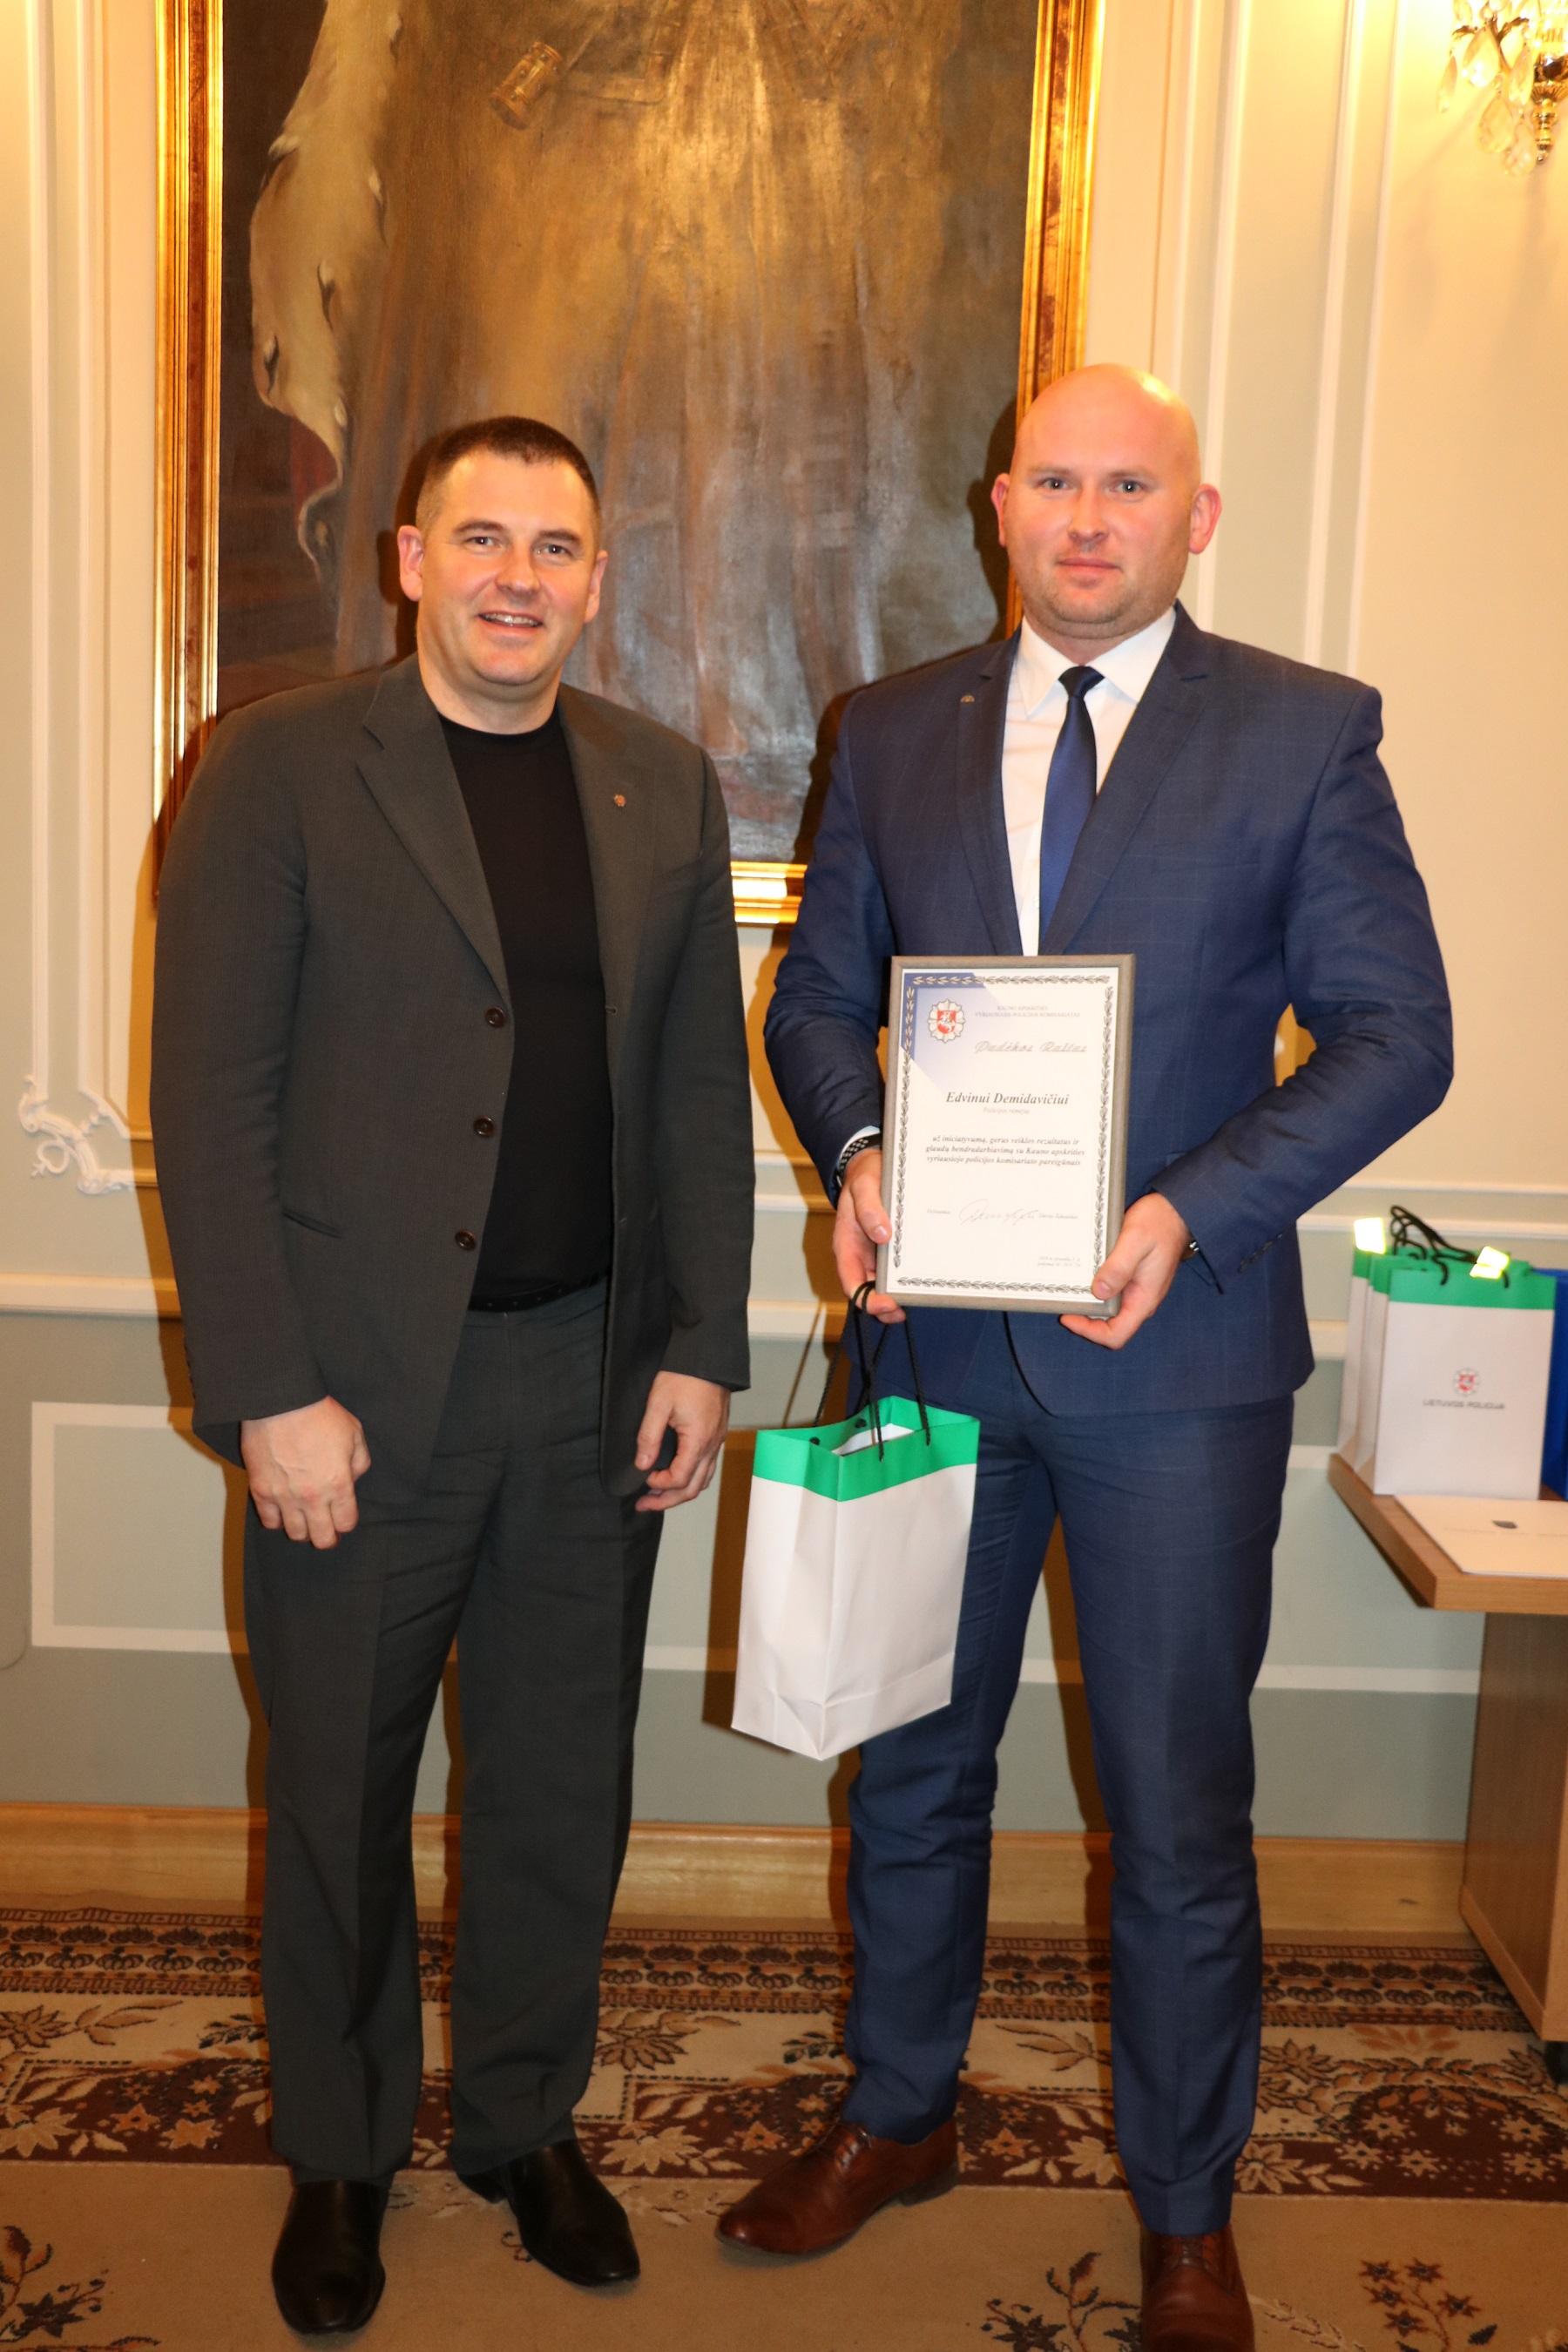 ·Kauno apskrities vyriausiojo policijos komisariato viršininko pavaduotojas Darius Pliavga įteikia padėką kėdainiečiui policijos rėmėjui Edvinui Demidavičiui.